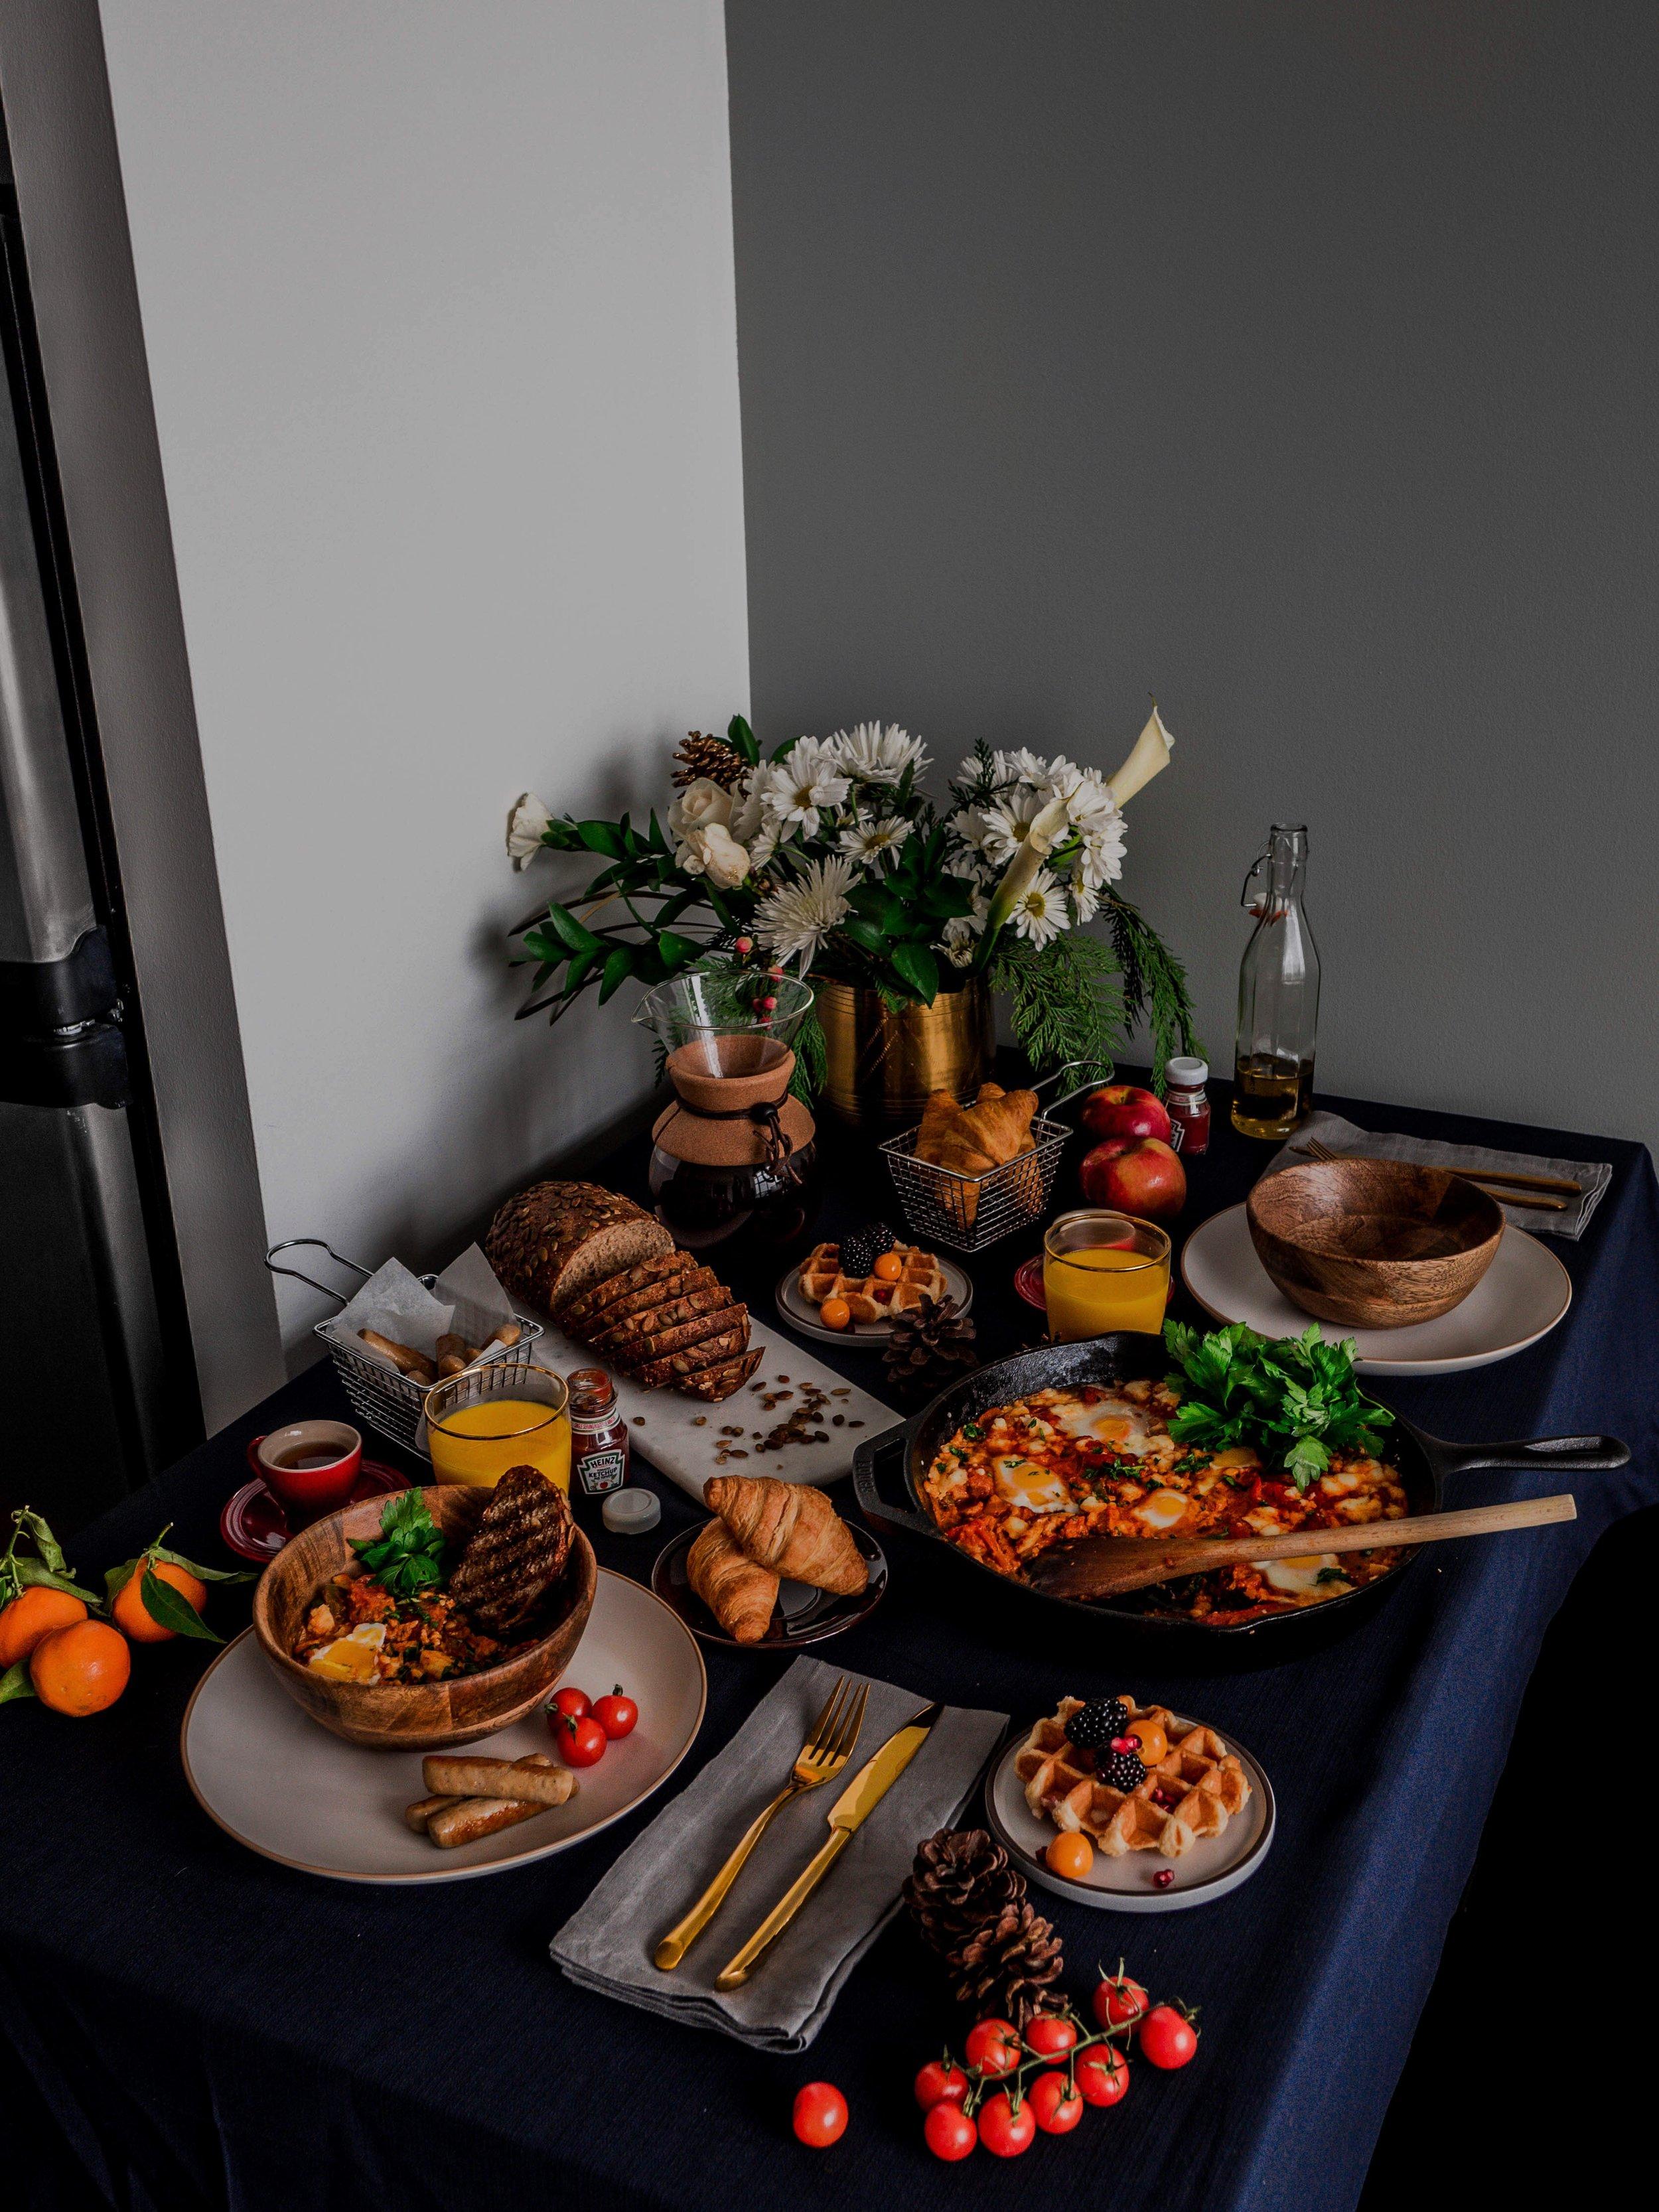 brunch-at-home-shakshuka-abhishek-dekate-lilydale